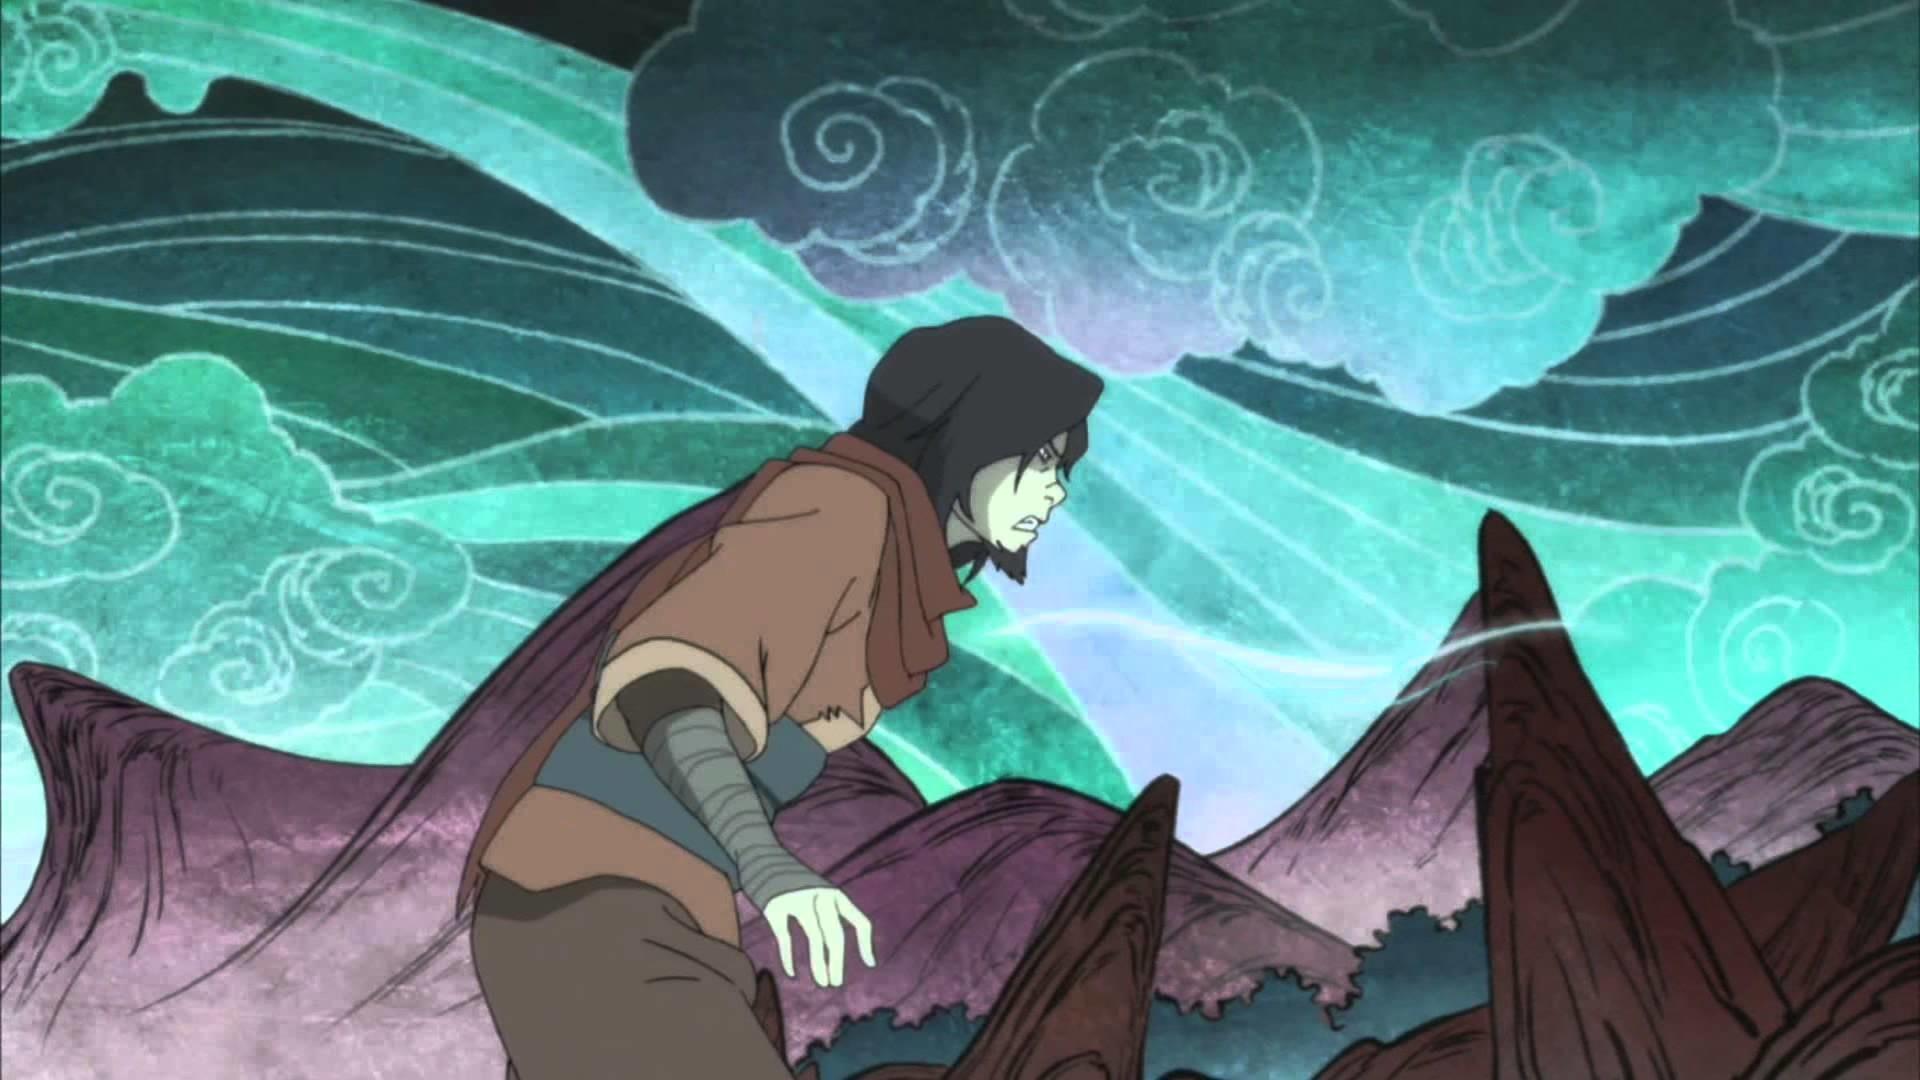 132 Legend Of Korra Wallpaper Hd